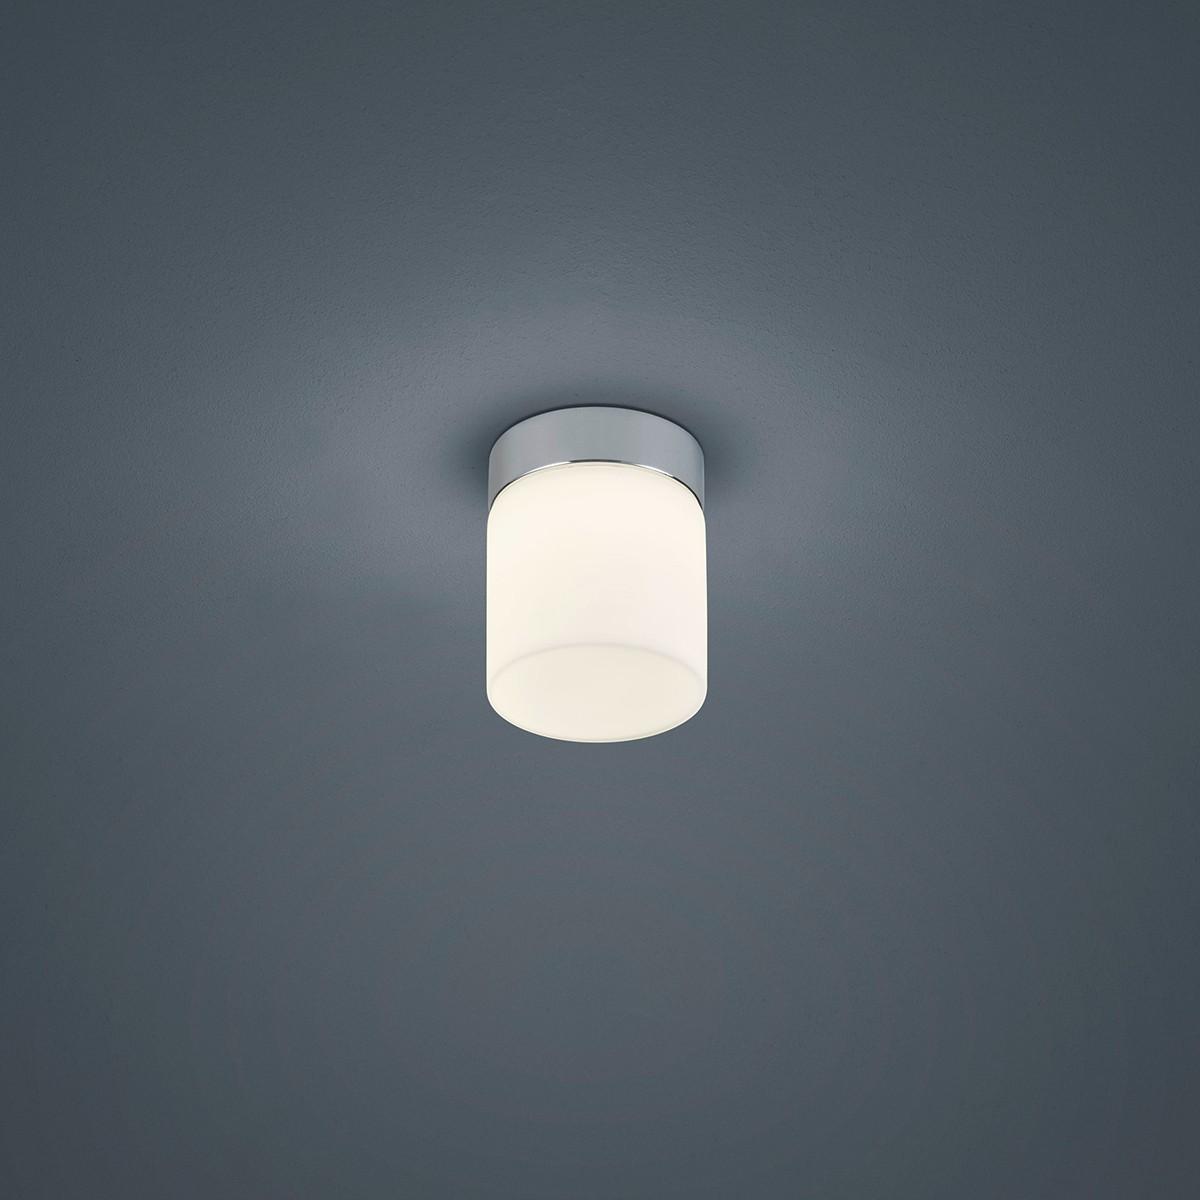 Helestra Keto Deckenleuchte, rund, Chrom - Opalglas